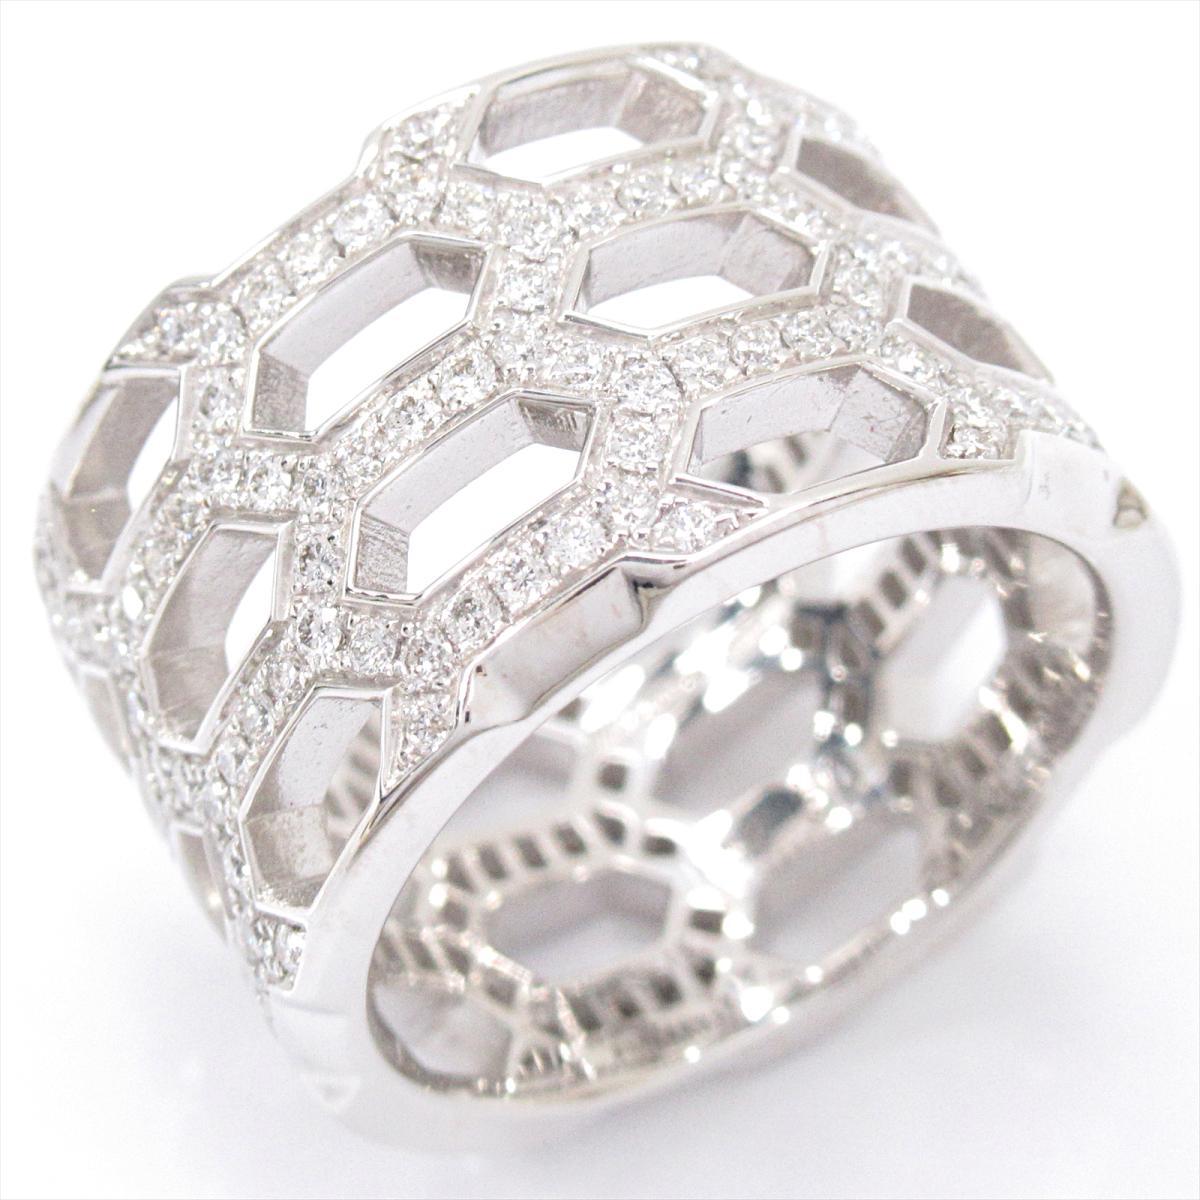 ブルガリ セルペンティ ヴァイパー リング 指輪 ブランドジュエリー レディース K18WG (750) ホワイトゴールド x ダイヤモンド 【中古】 | BVLGARI BRANDOFF ブランドオフ ブランド ジュエリー アクセサリー